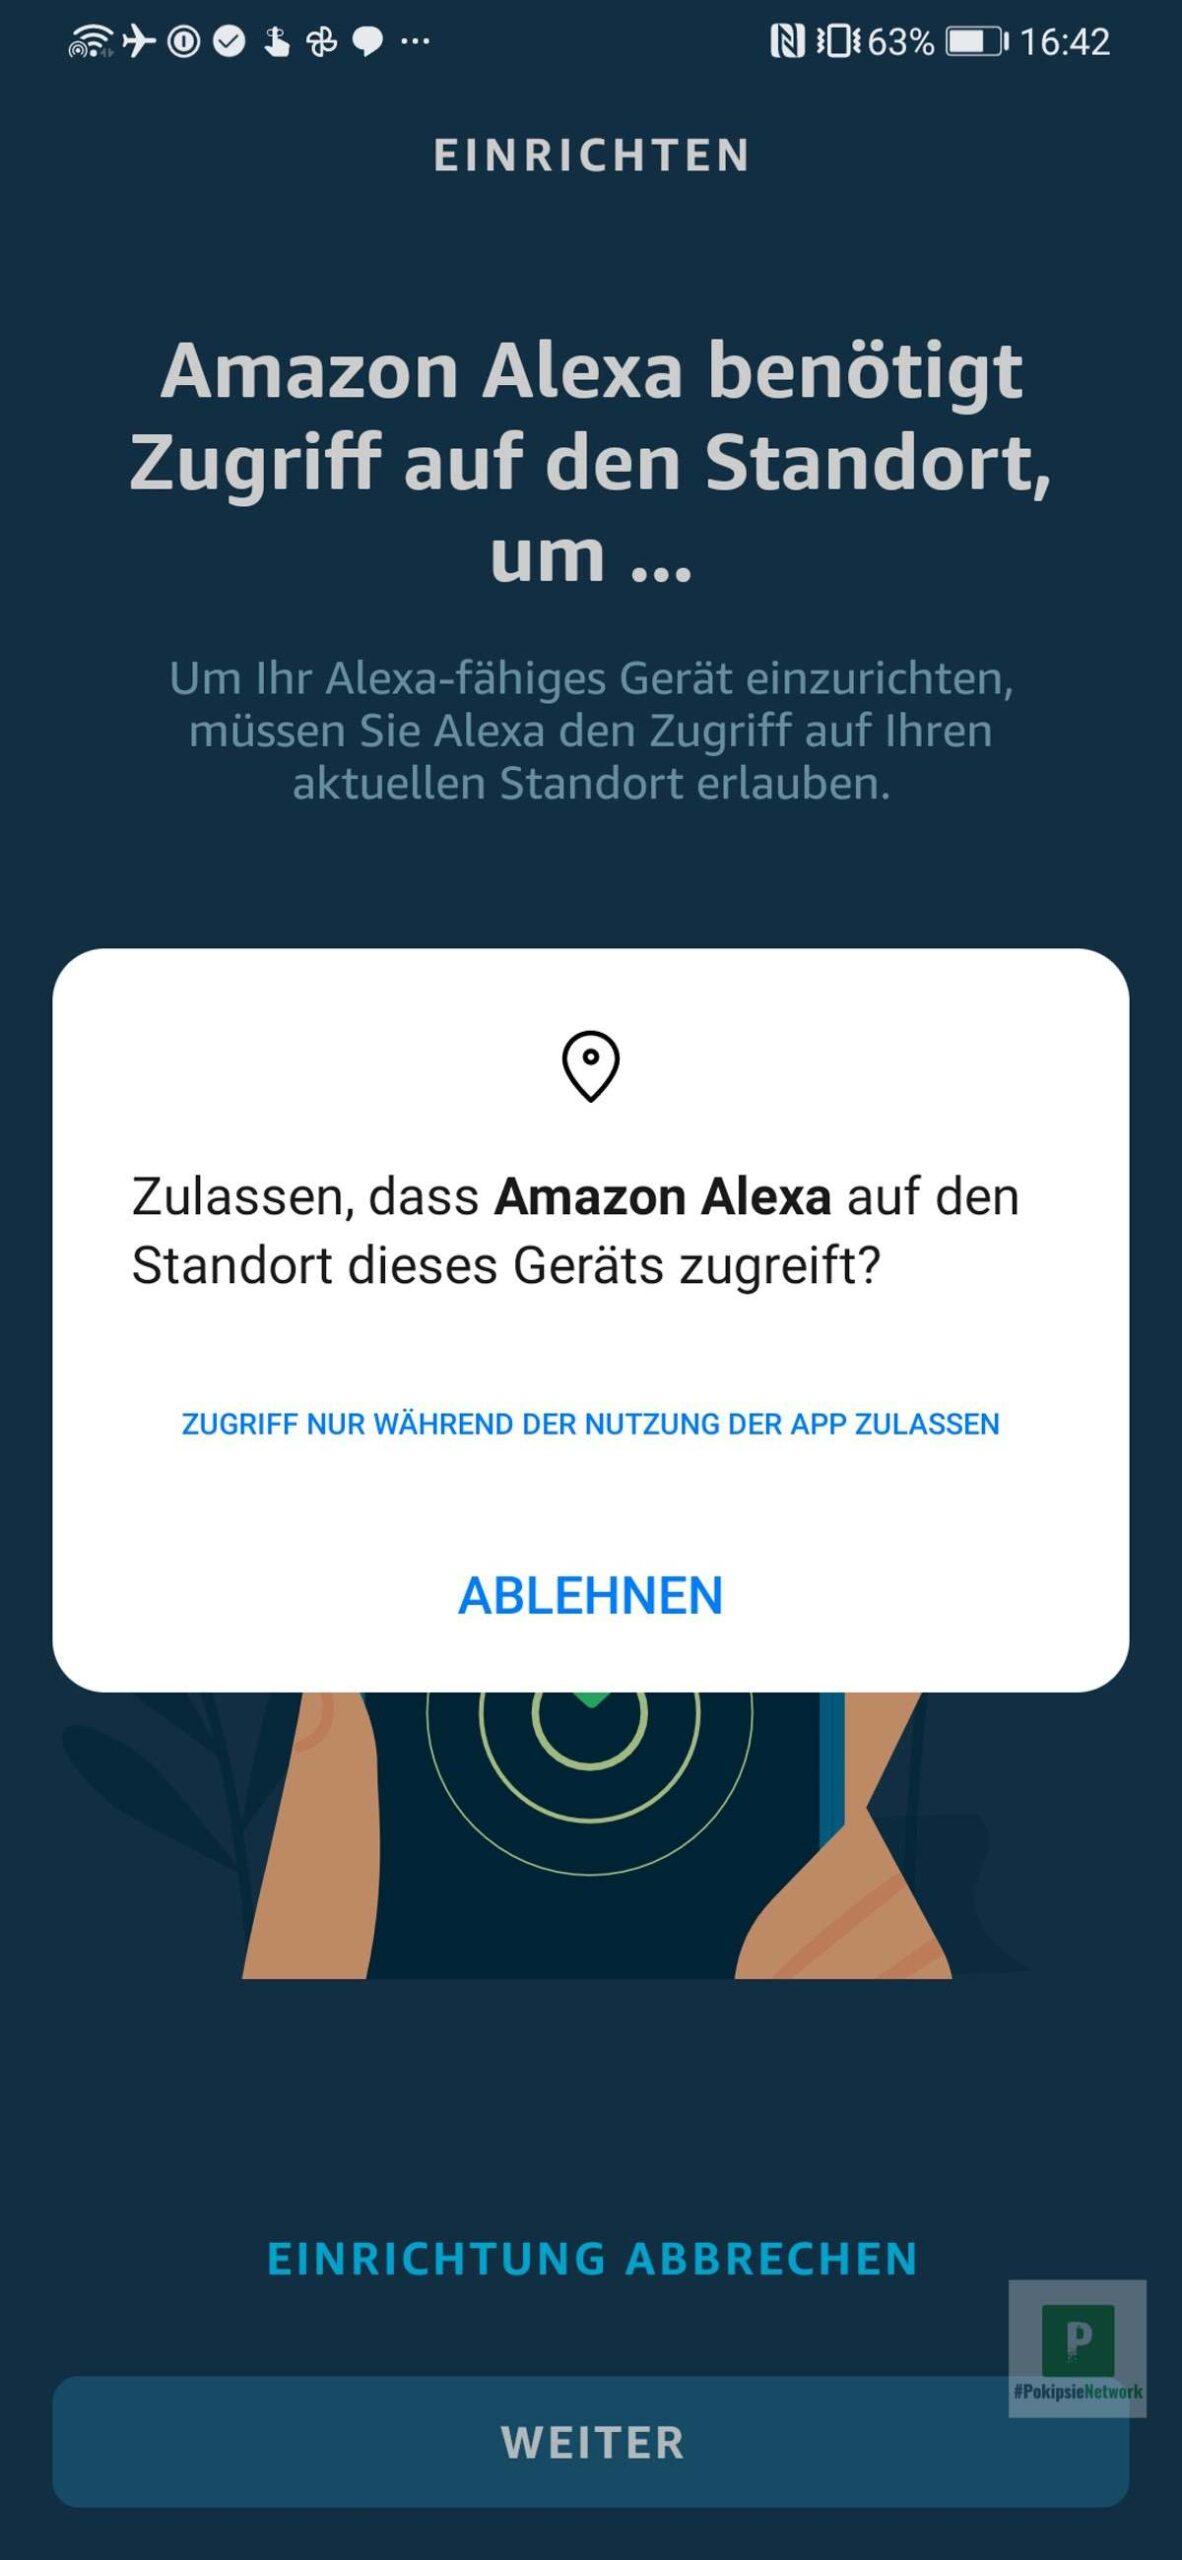 Dein Standort möchte Amazon auch wissen